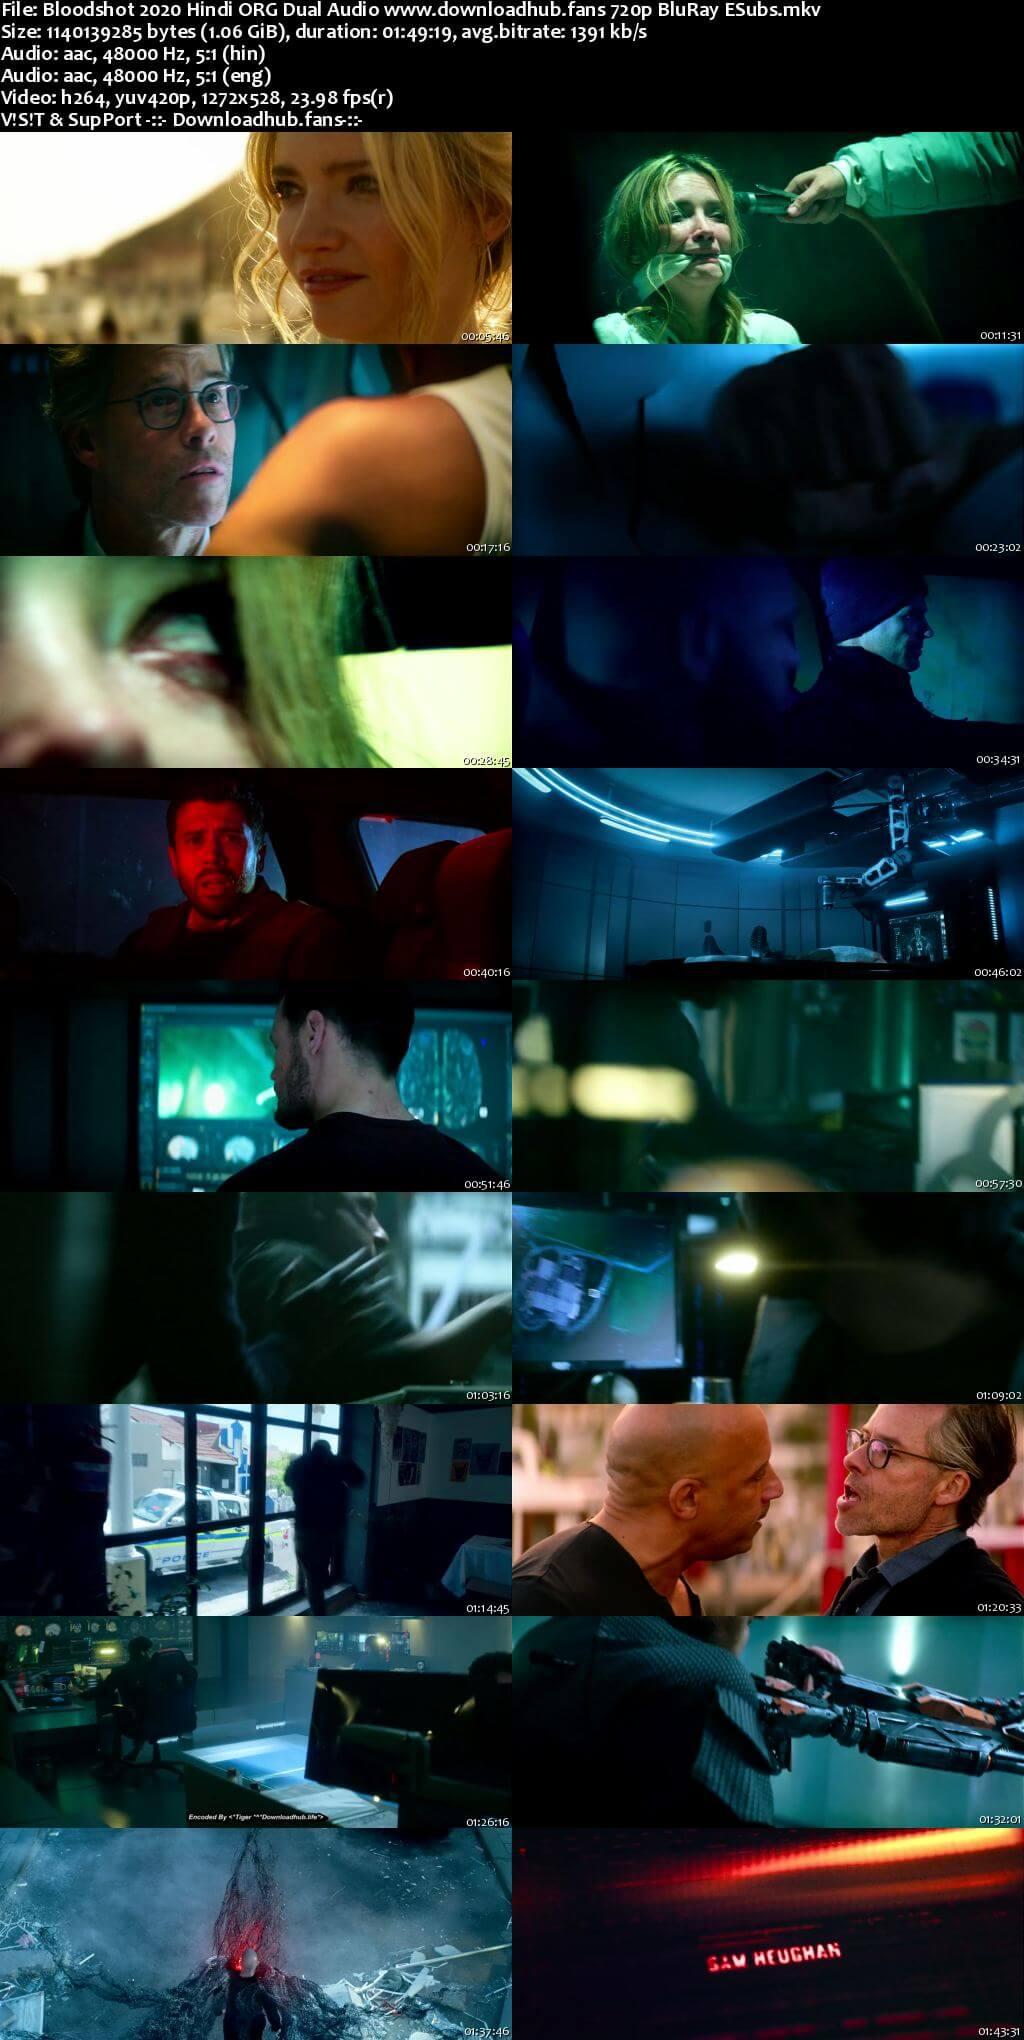 Bloodshot 2020 Hindi ORG Dual Audio 720p BluRay ESubs